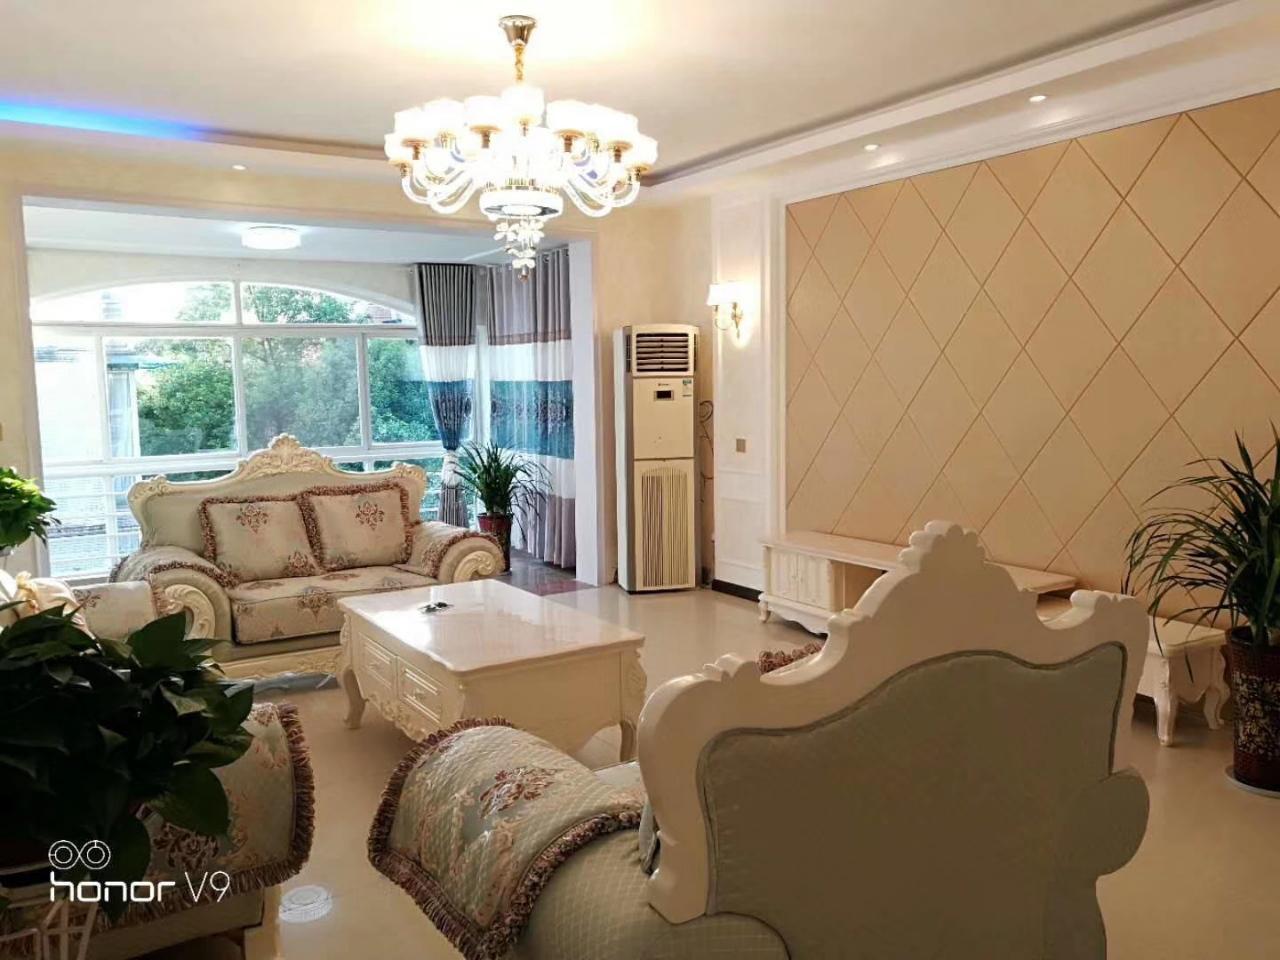 香榭丽花园4室 2厅 2卫99.8万元